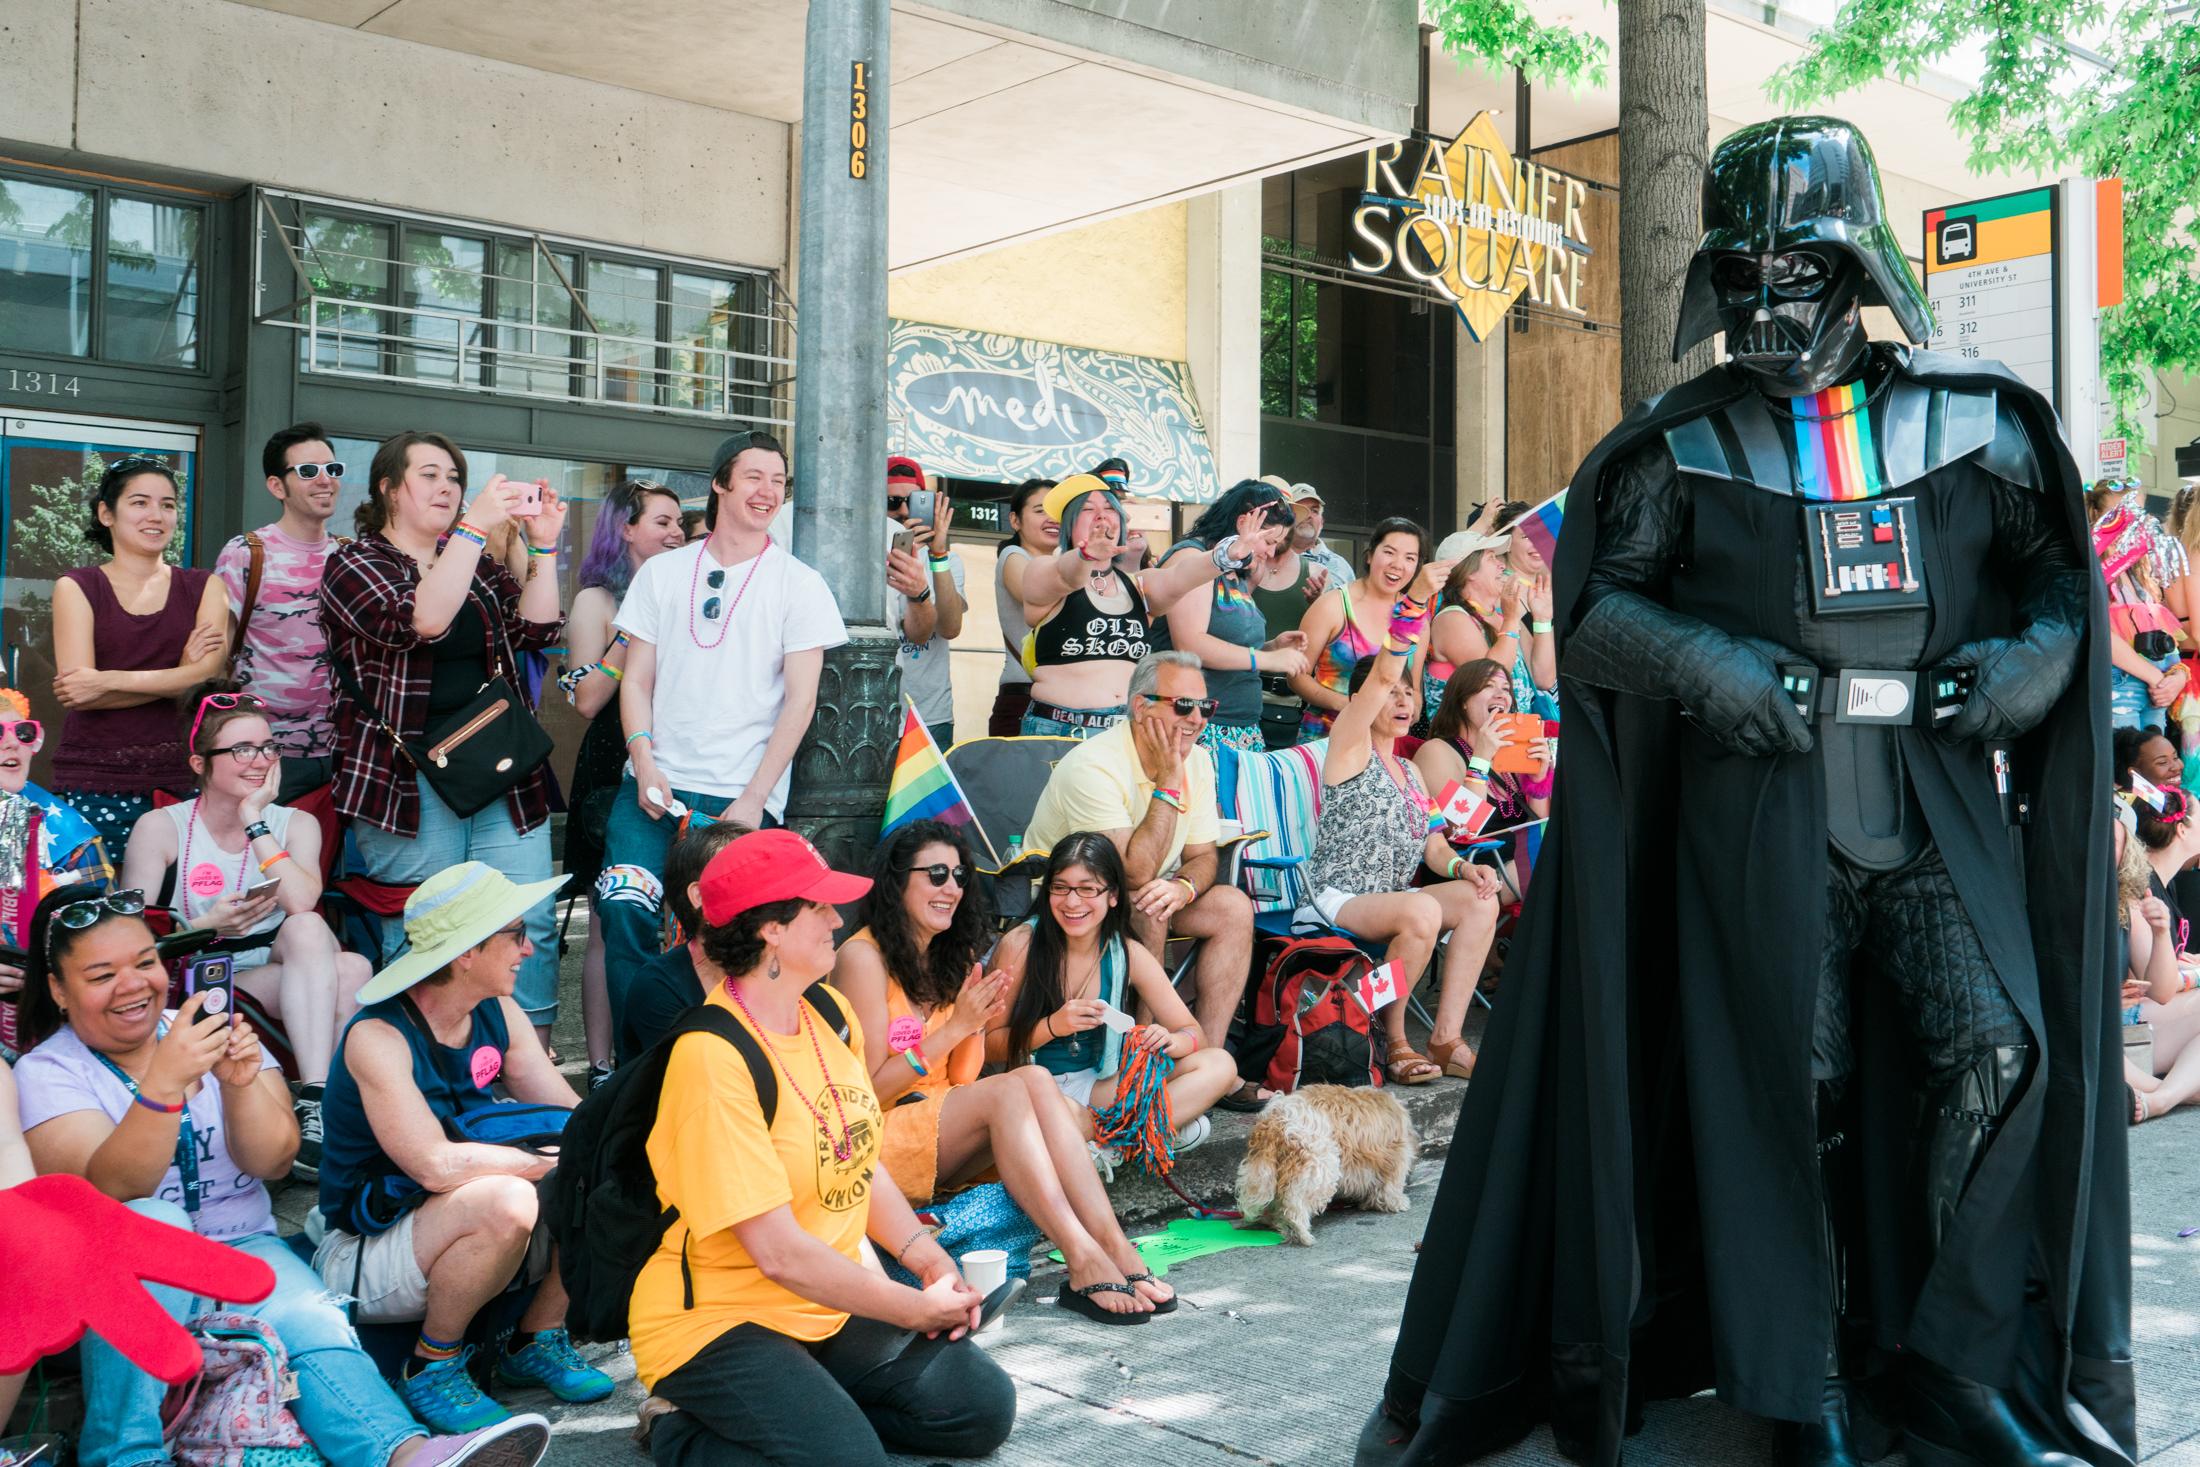 Seattle Pride Parade 2017 w Star Wars 501st Garrison Titan-08654.jpg